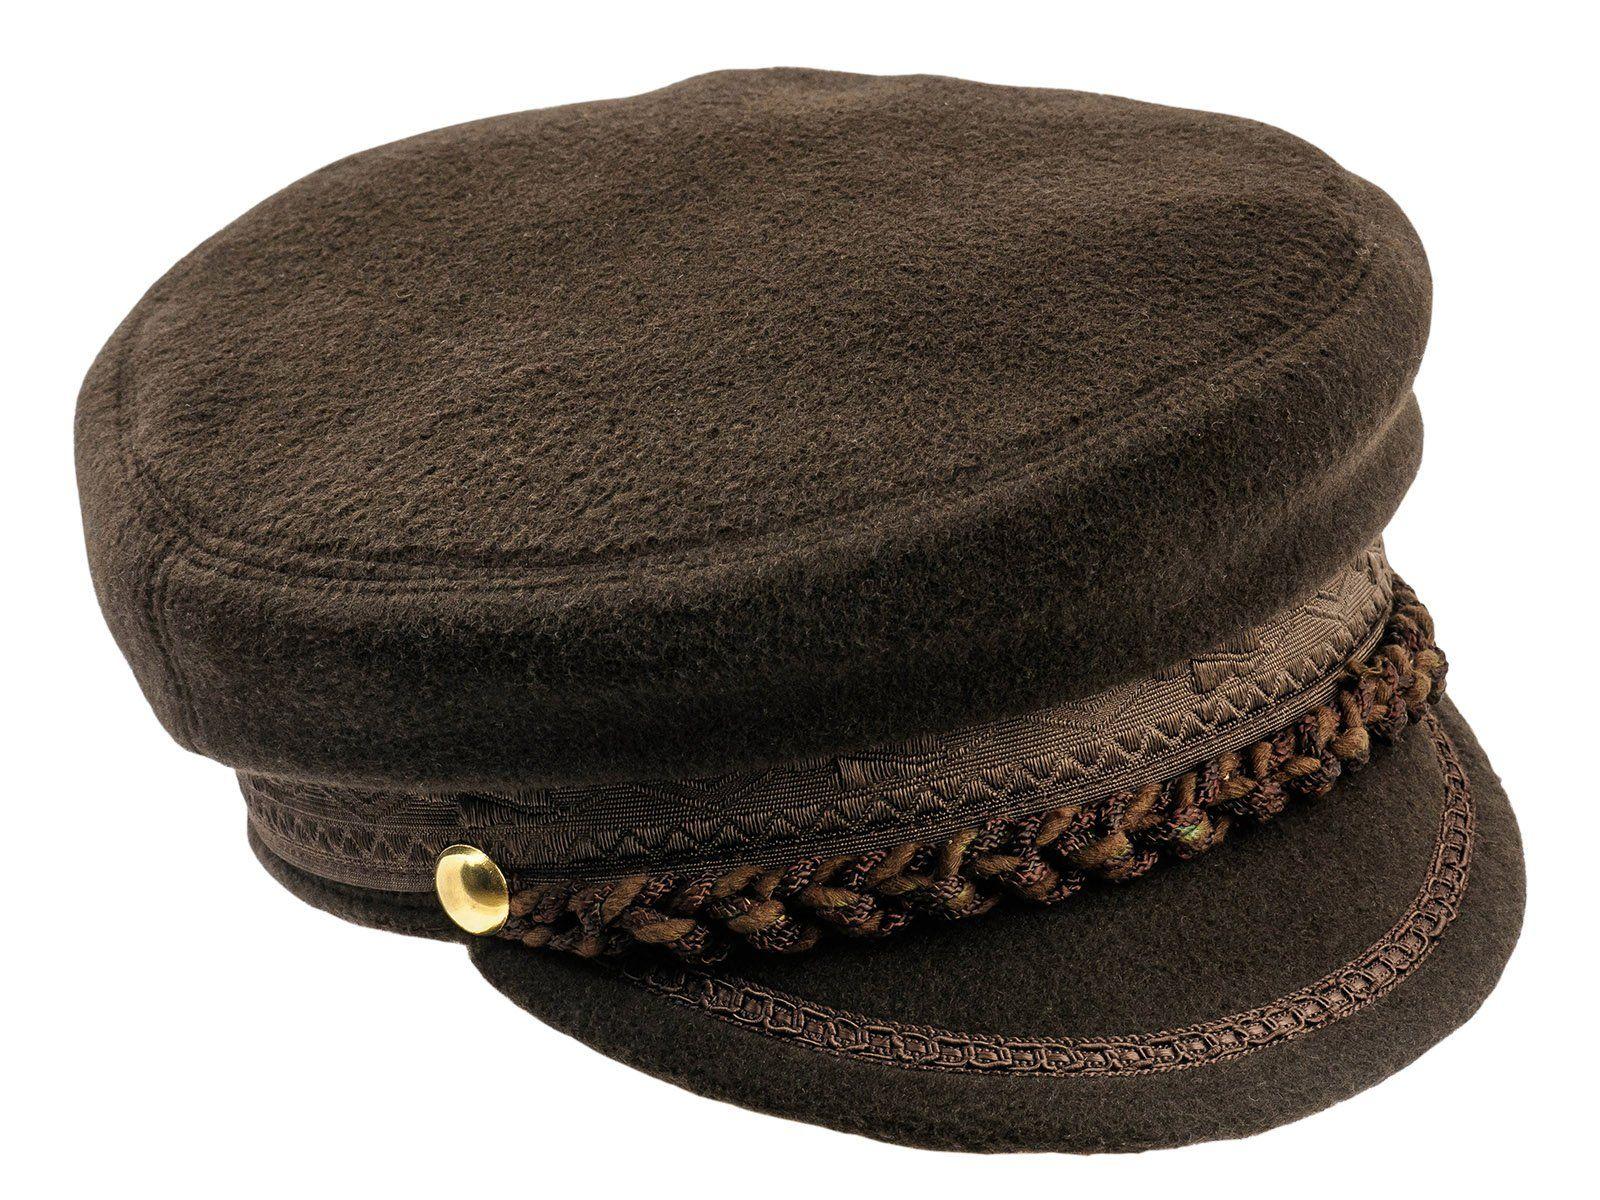 513b614751cc9 Sterkowski Men s Mariner Style Breton Fiddler Cap US 7 5 8 Brown ...